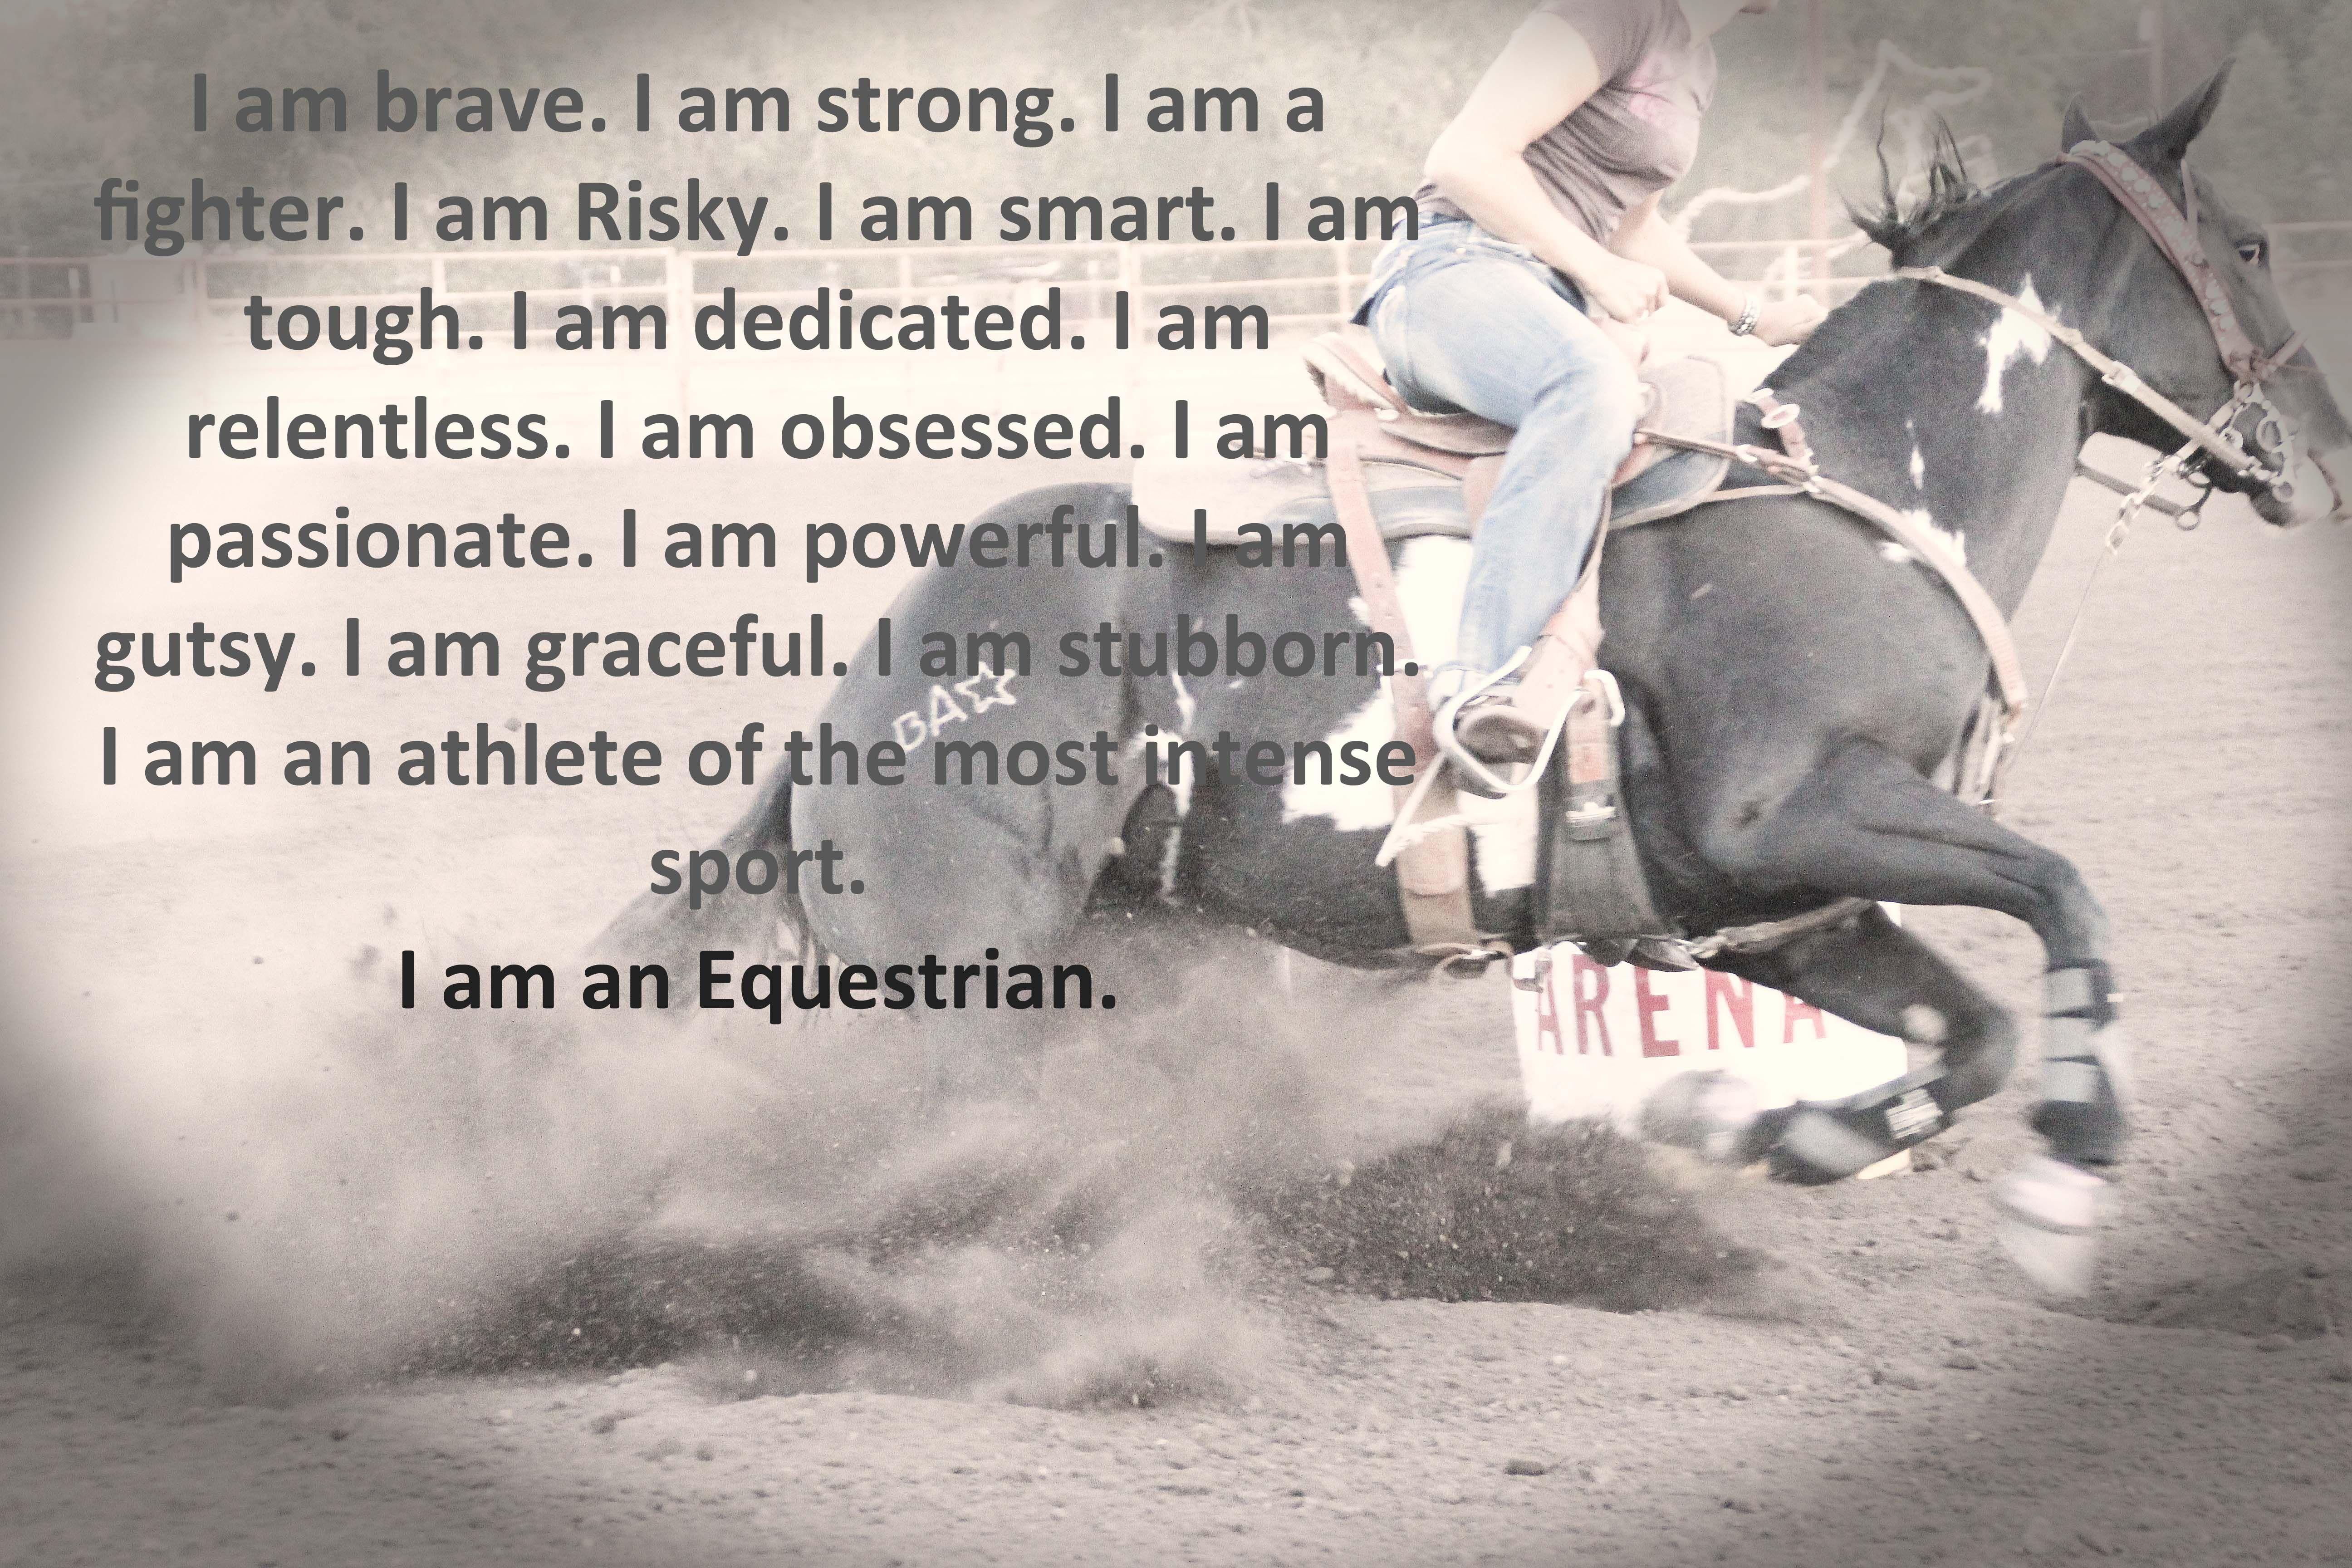 Barrel Racing Quotes Inspirational. QuotesGram